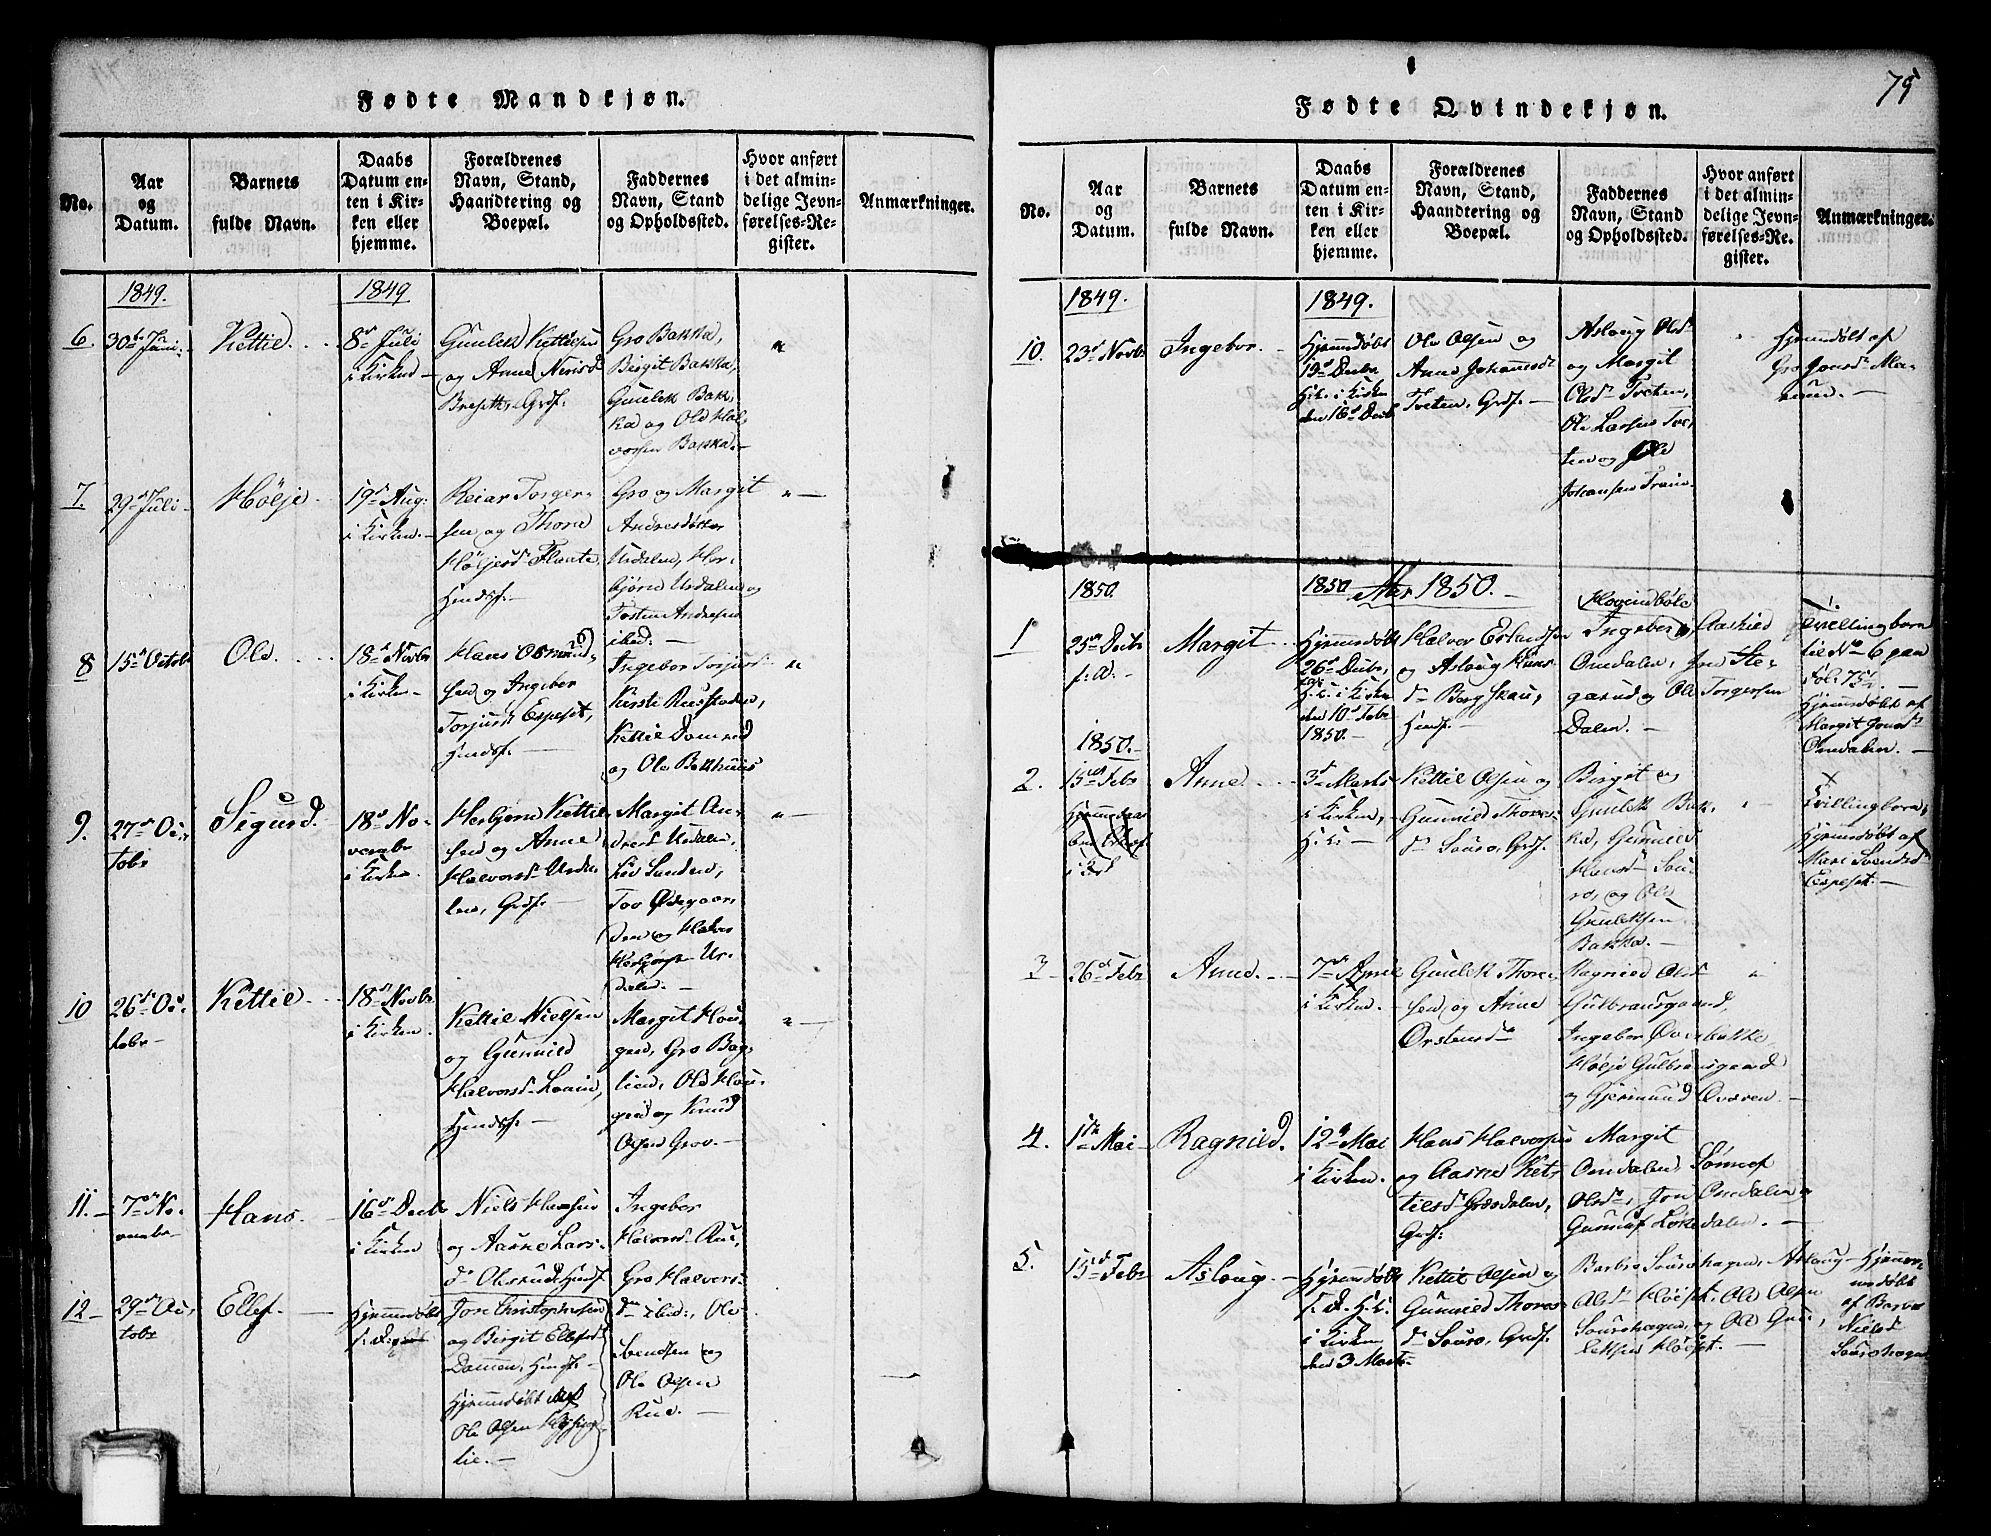 SAKO, Gransherad kirkebøker, G/Gb/L0001: Klokkerbok nr. II 1, 1815-1860, s. 75